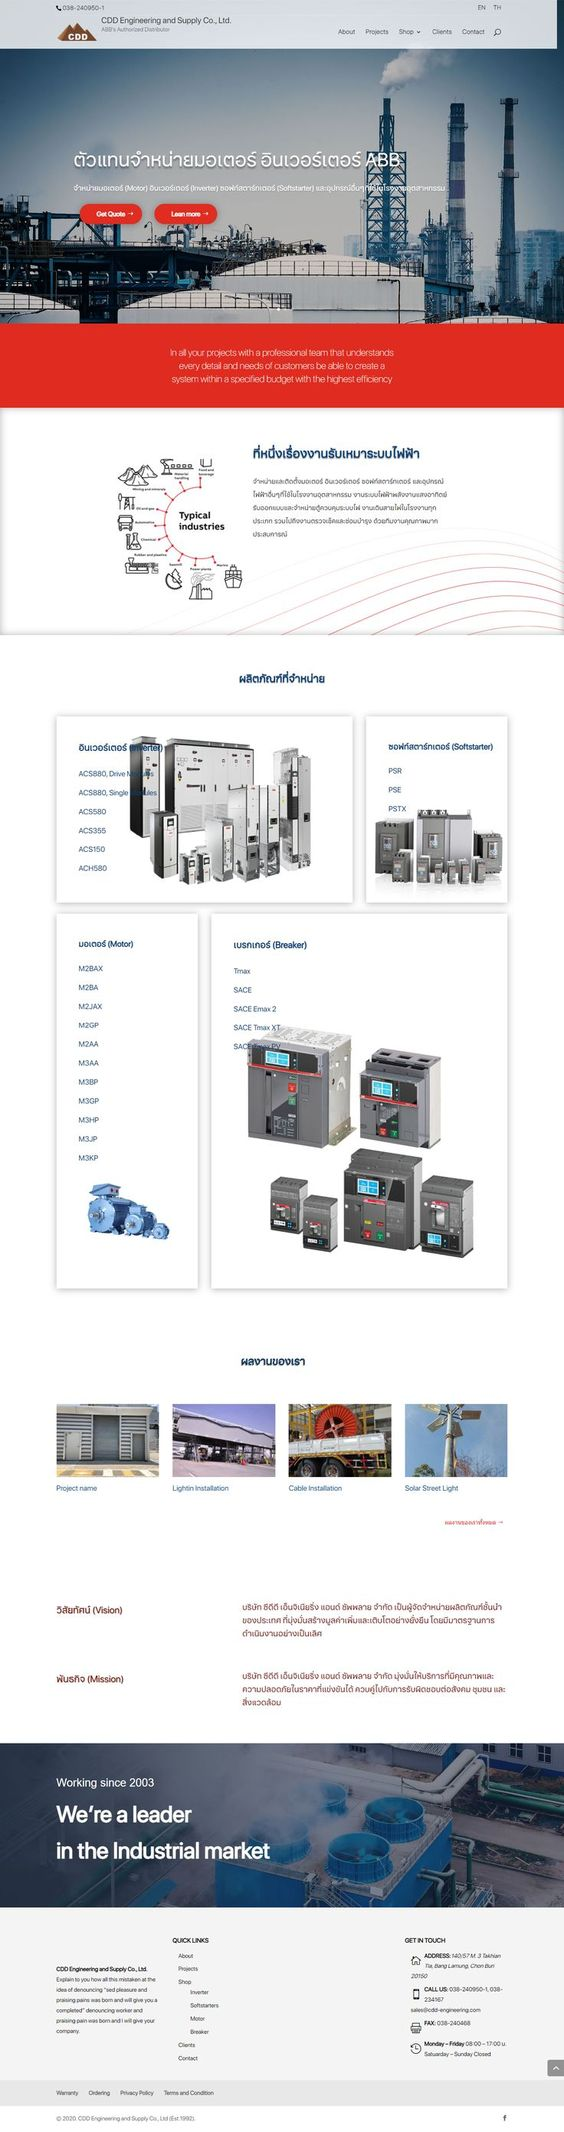 ออกแบบเว็บไซต์ บริษัท ซีดีดี เอ็นจิเนียริ่ง แอนด์ ซัพพลาย จำกัด